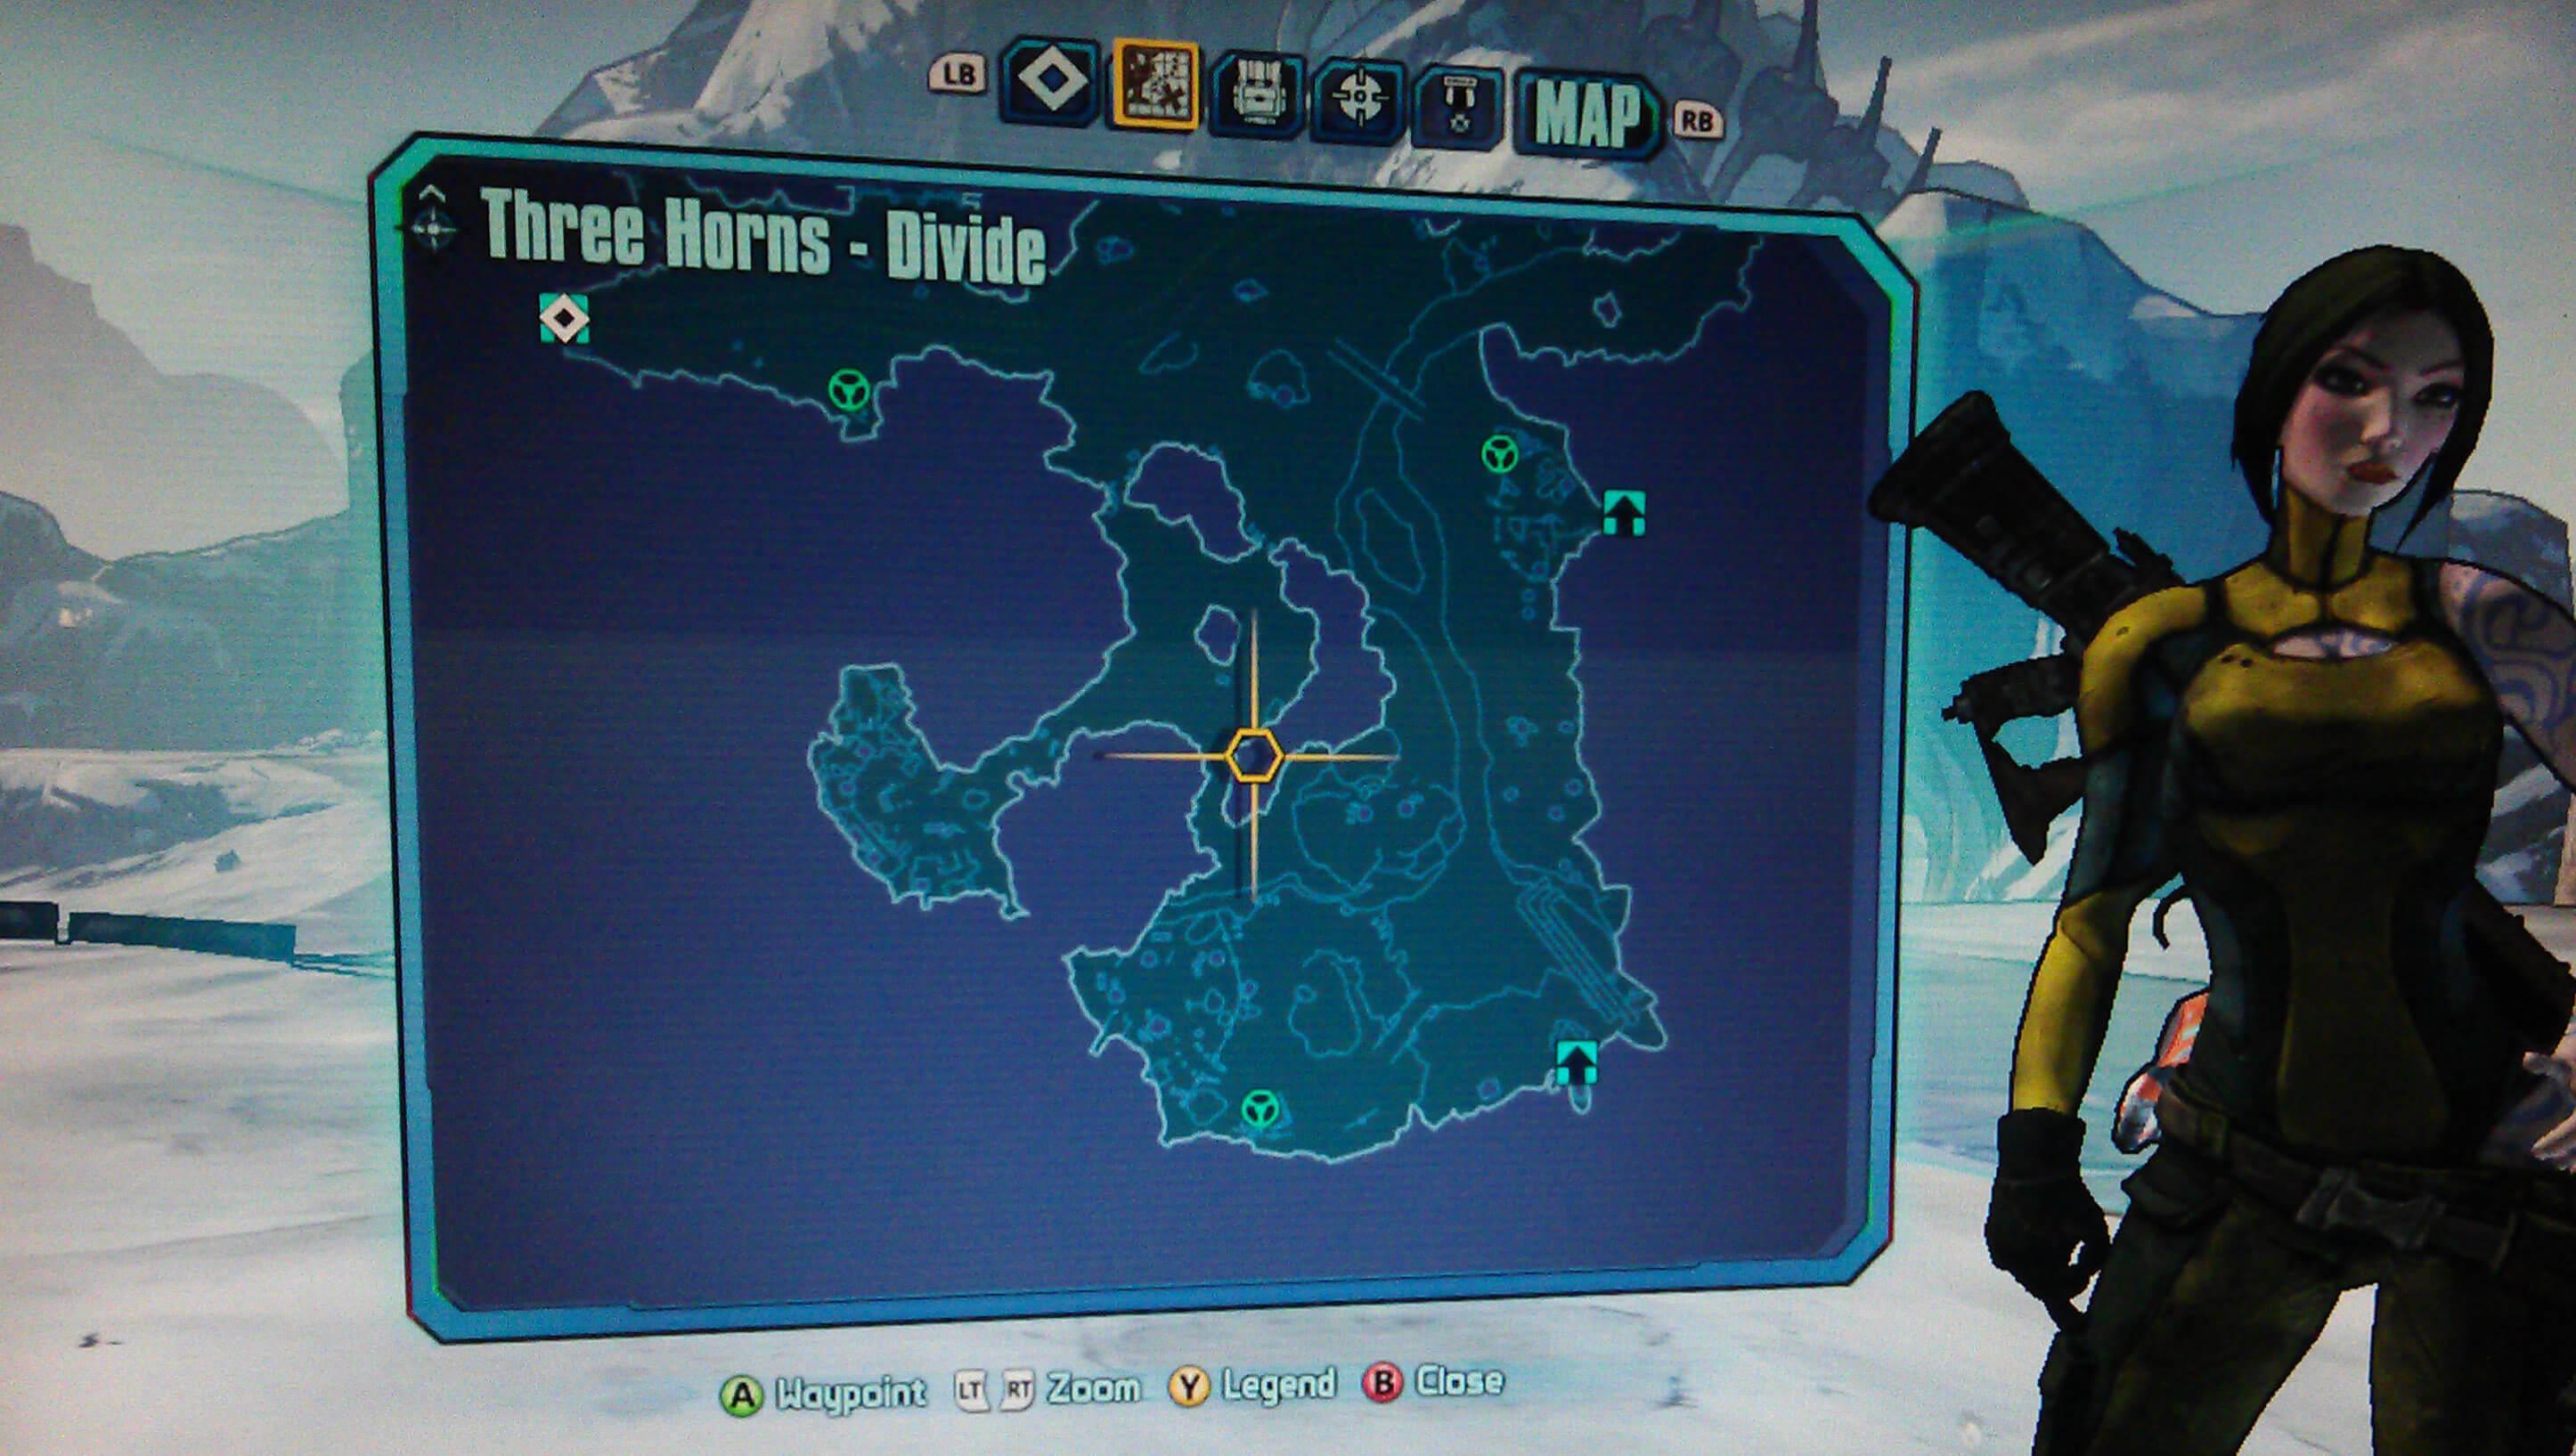 Borderlands 2 Three Horns Divide Walkthrough